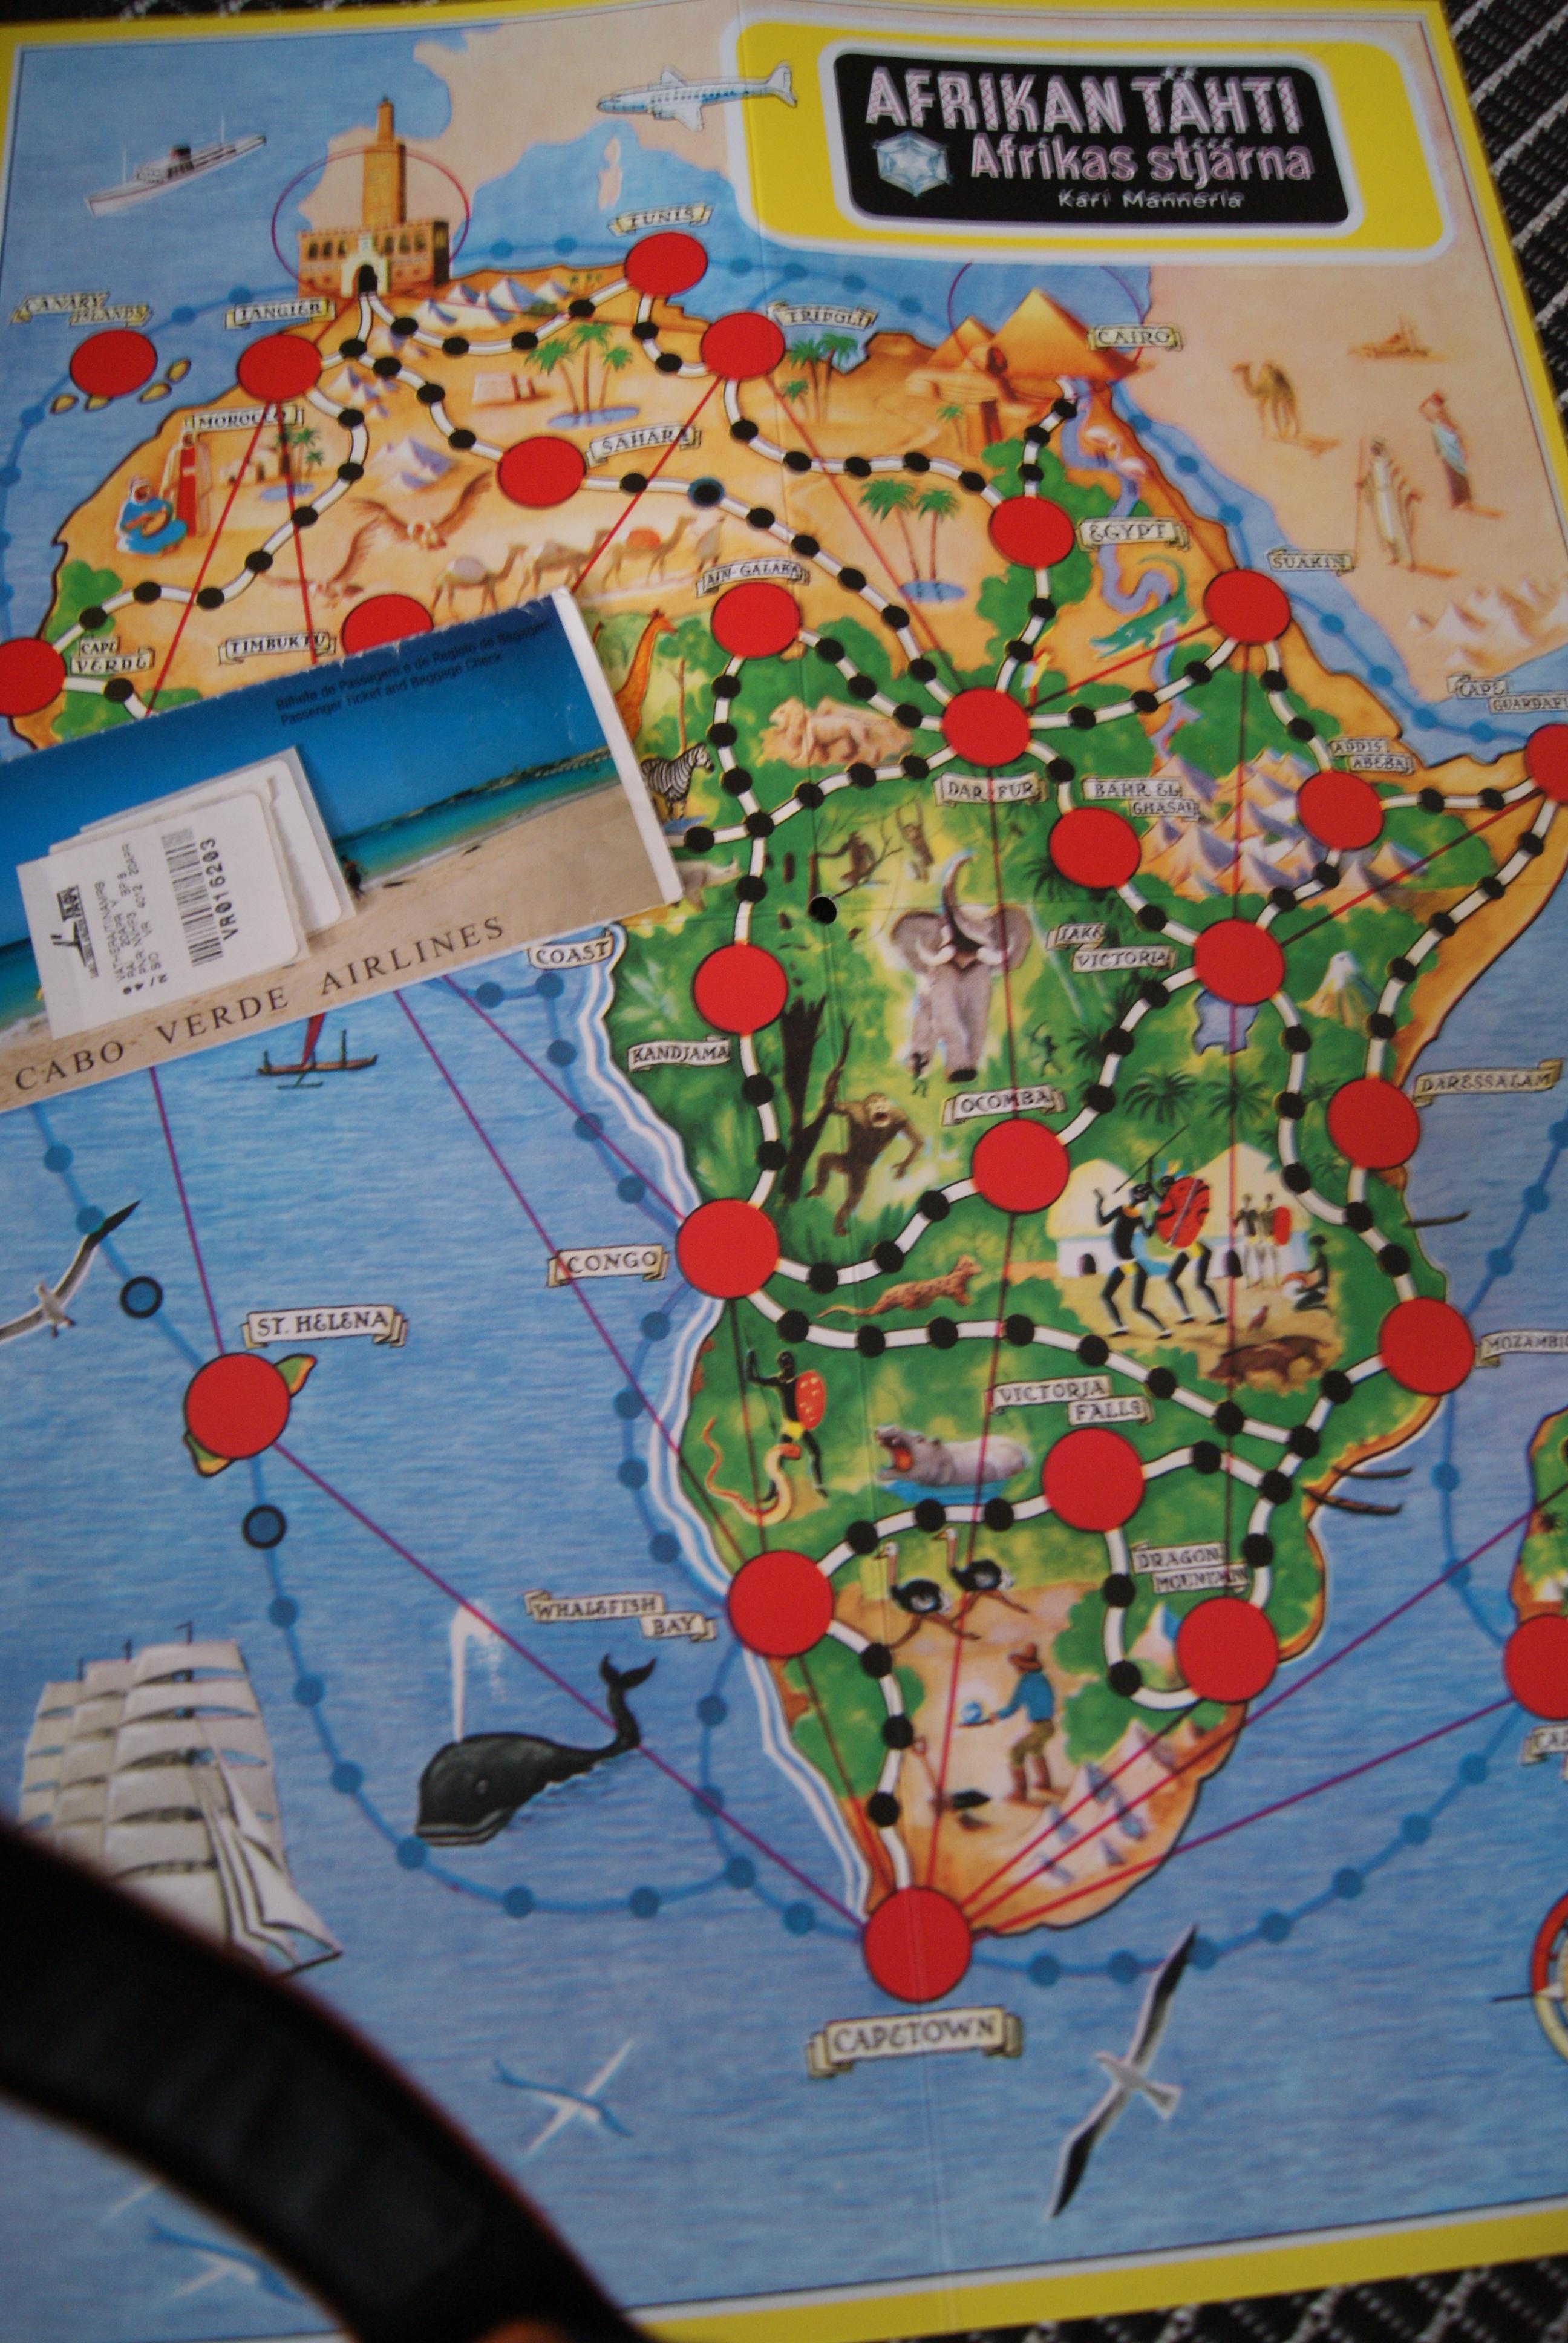 Afrikan Tahdella Miksi Rakastan Kaikkea Mika Liittyy